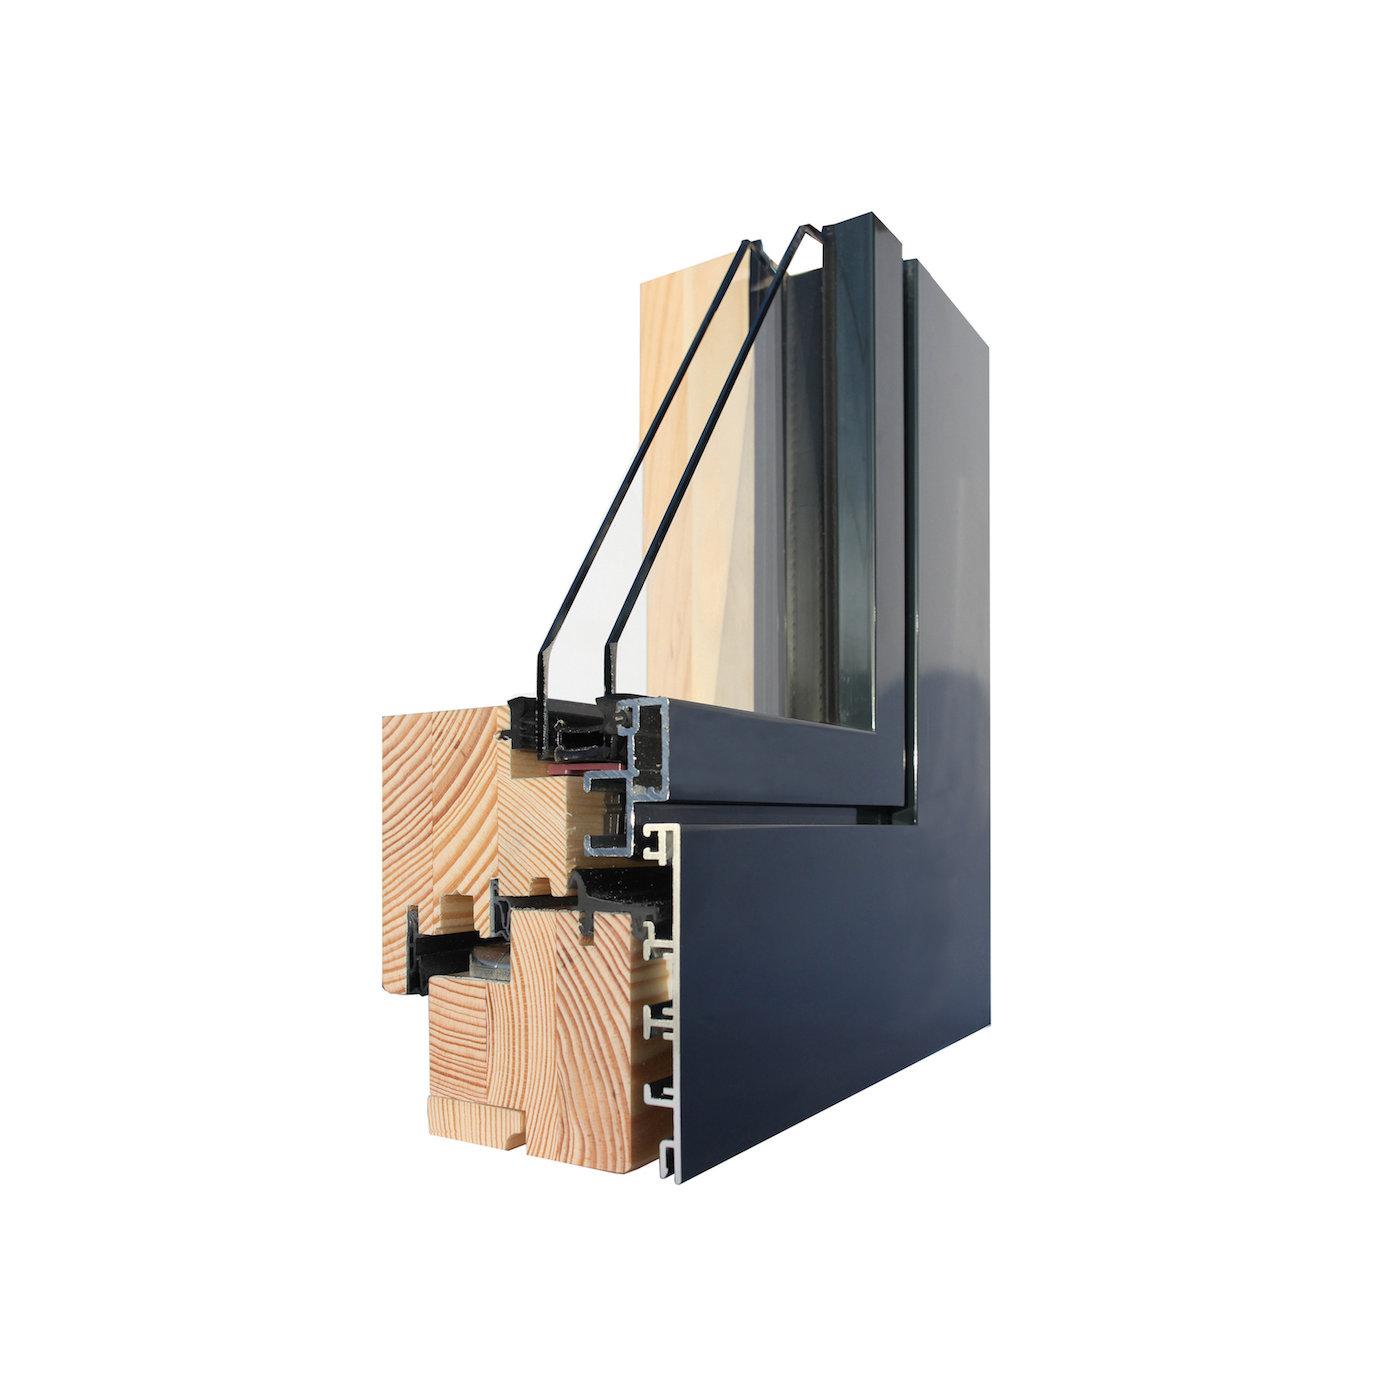 Full Size of Moderne Holz Alu Fenster Von Sorpetaler Fensterbau Sichtschutzfolie Einseitig Durchsichtig Wärmeschutzfolie Modulküche Für Rollos Ohne Bohren Fenster Holz Alu Fenster